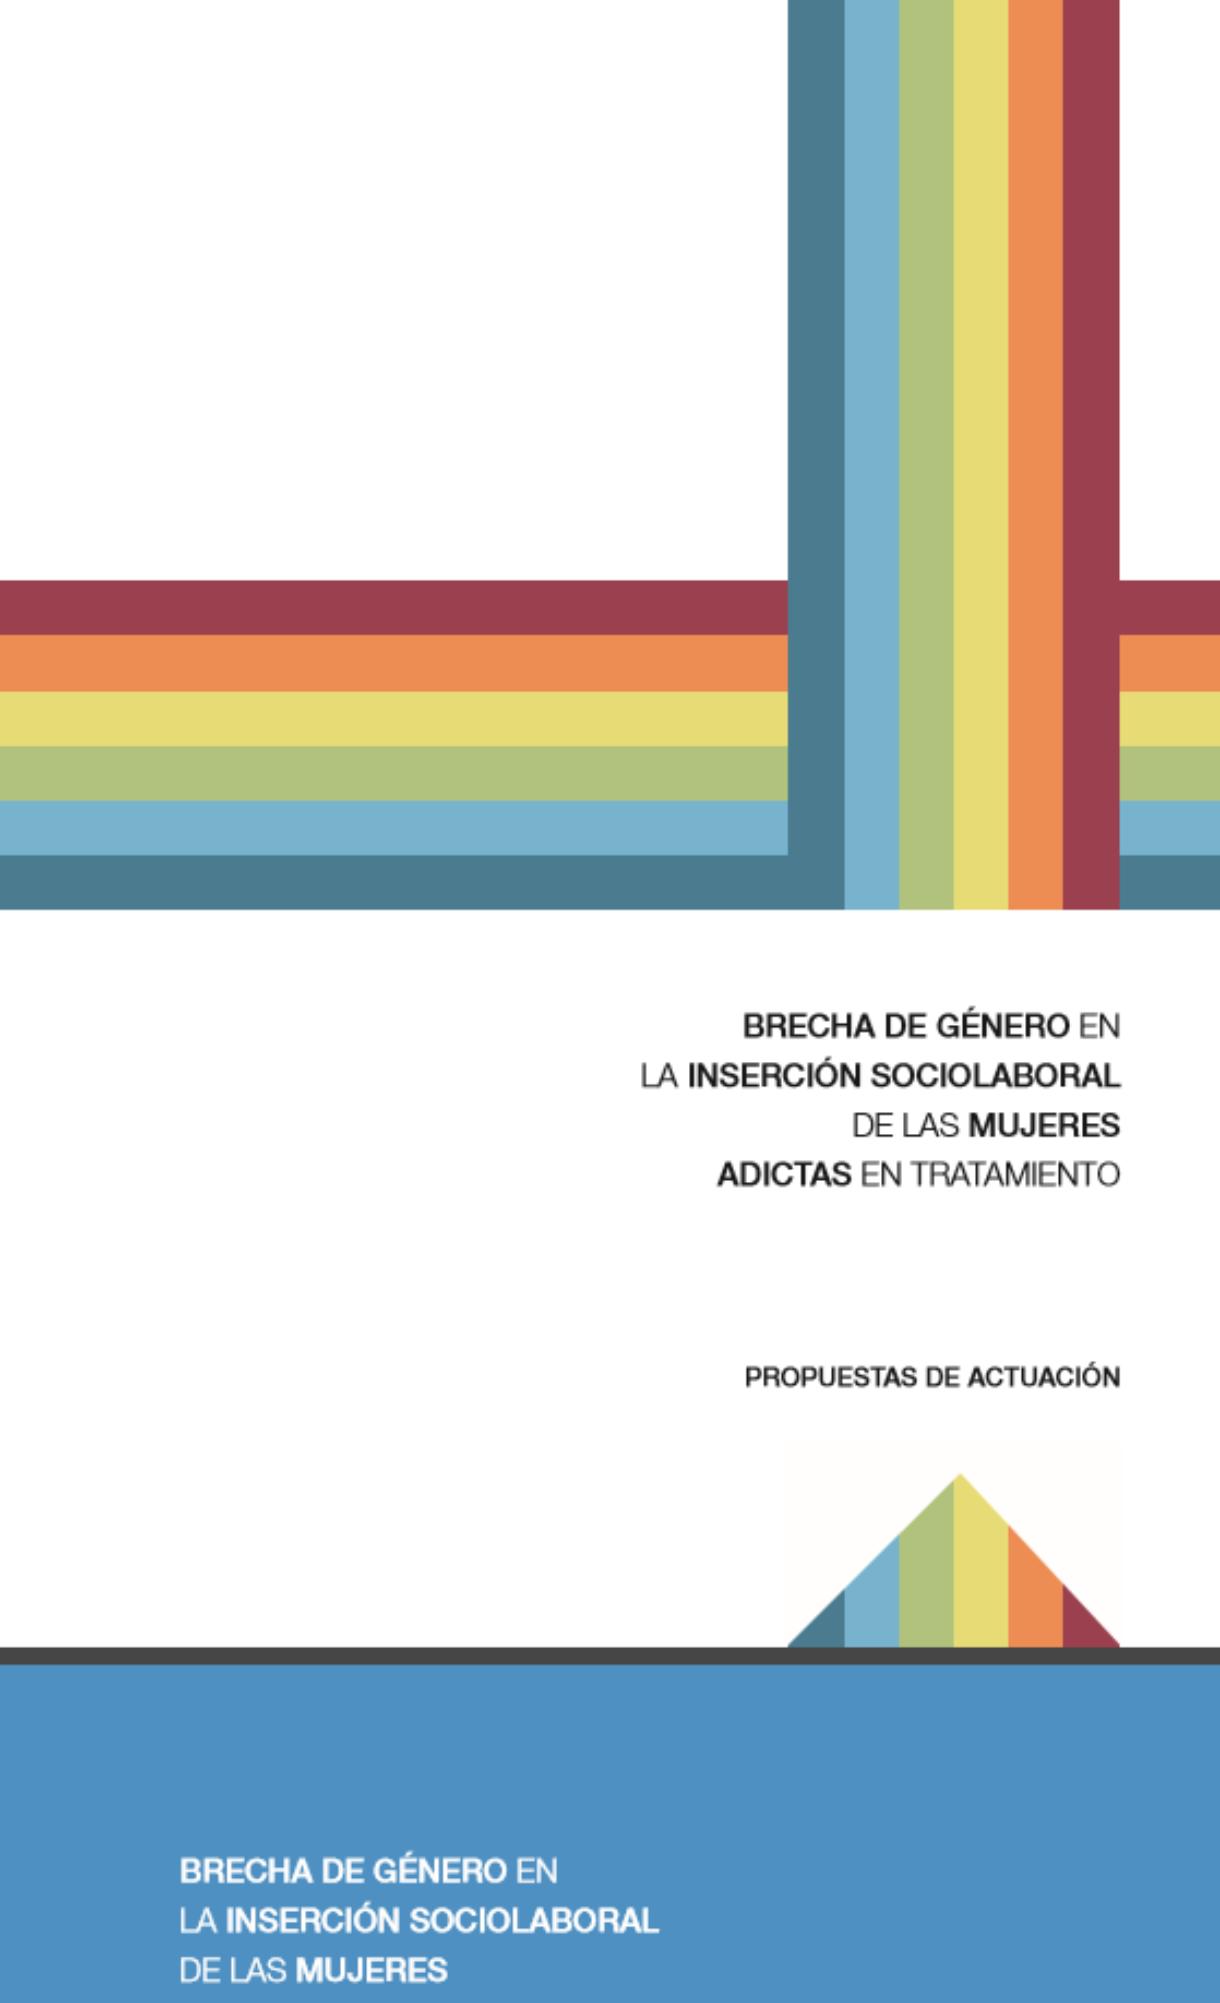 Brecha de género en la inserción sociolaboral de las mujeres adictas en tratamiento